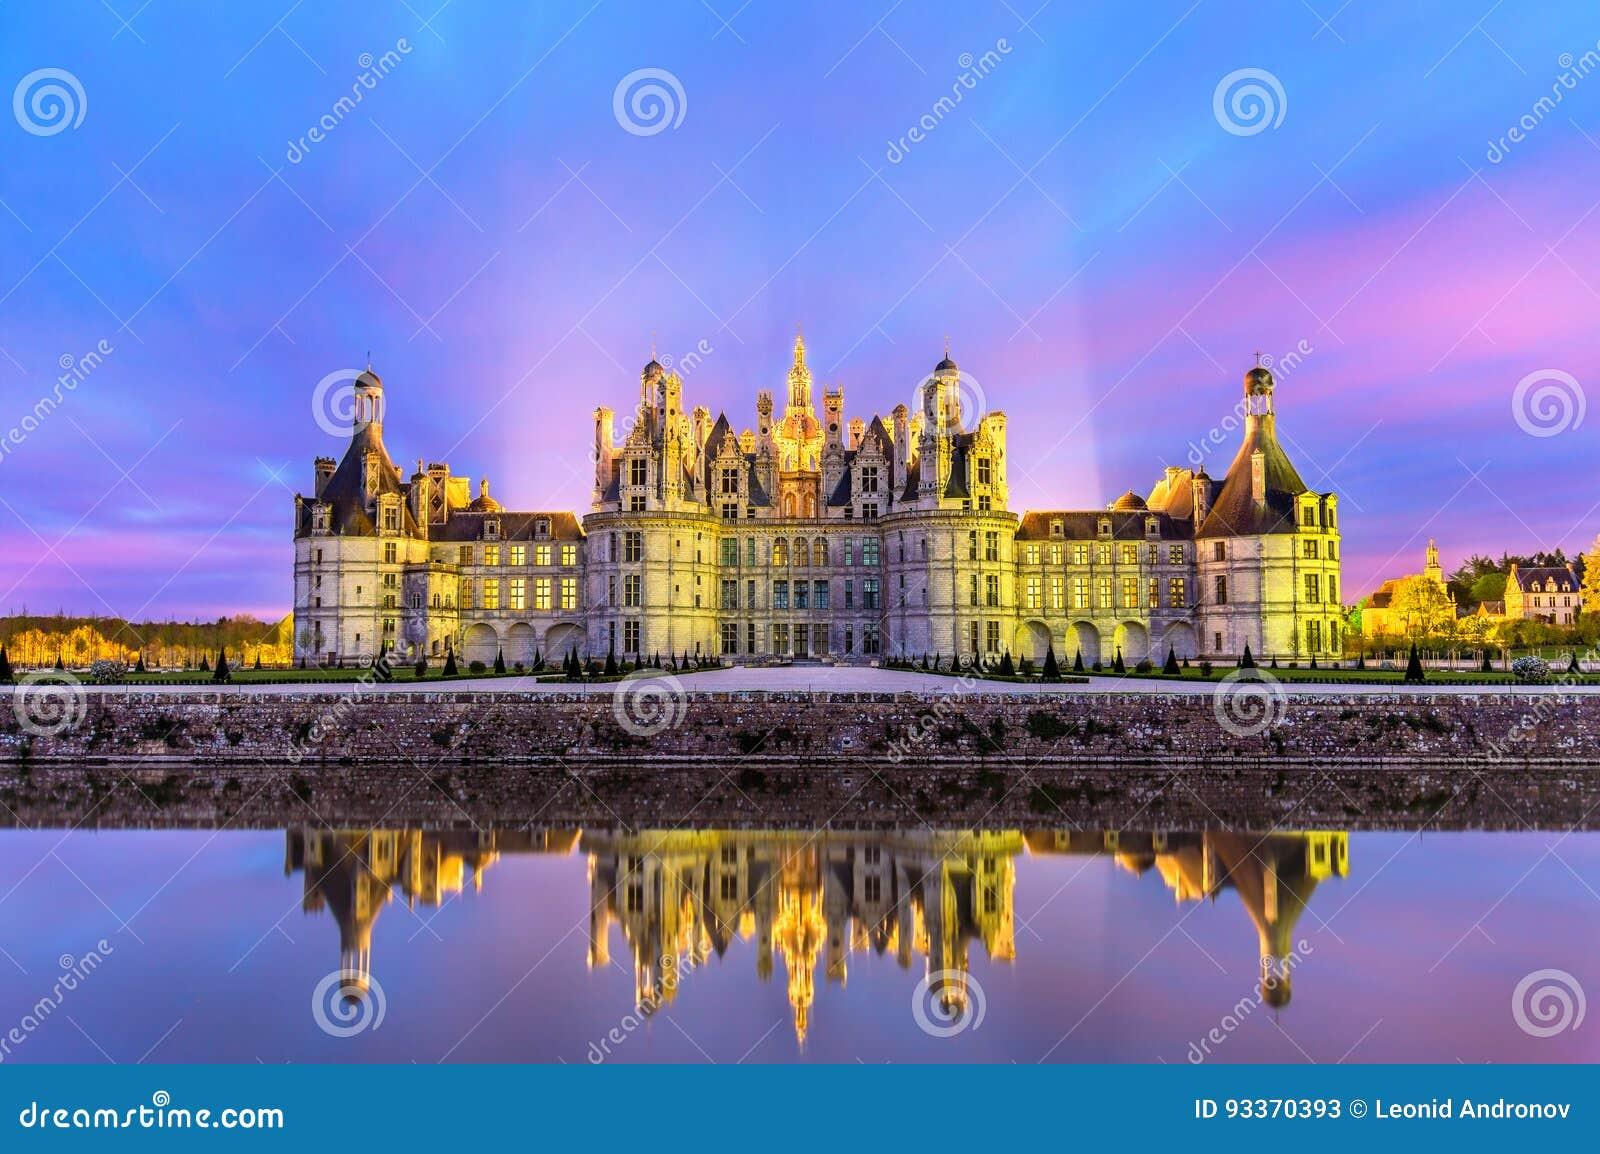 Castelo de Chambord, o castelo o maior no Loire Valley - o França